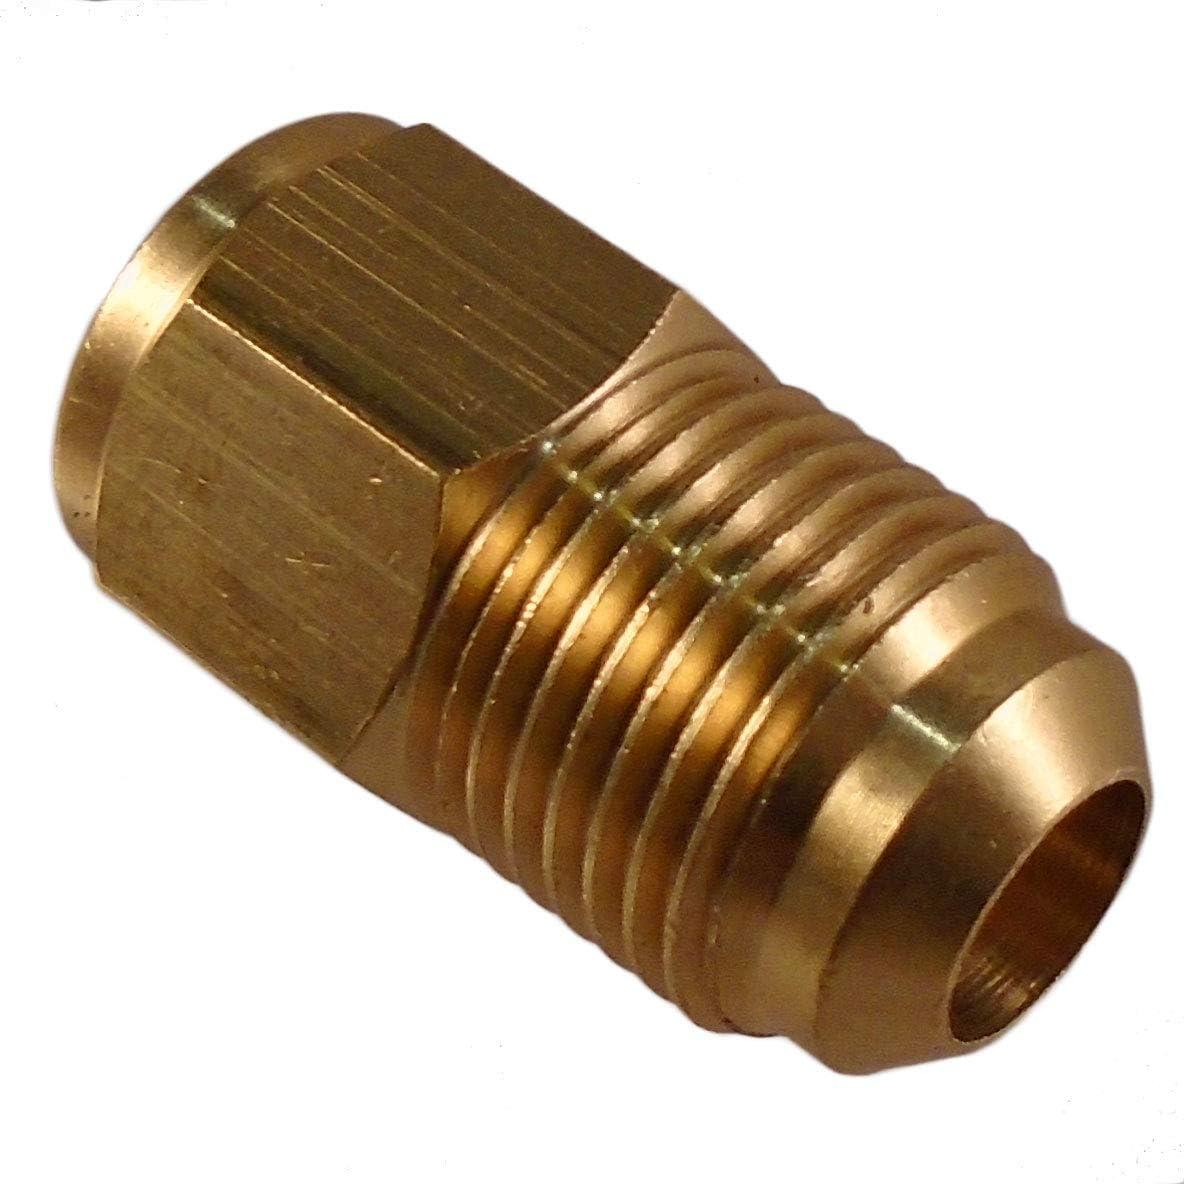 Raccord r/éduction 1//4 Flare femelle SAE x 3//8 Flare m/âle SAE Pour tubes cuivre liaisons frigorifiques climatisation et froid outillage frigoriste